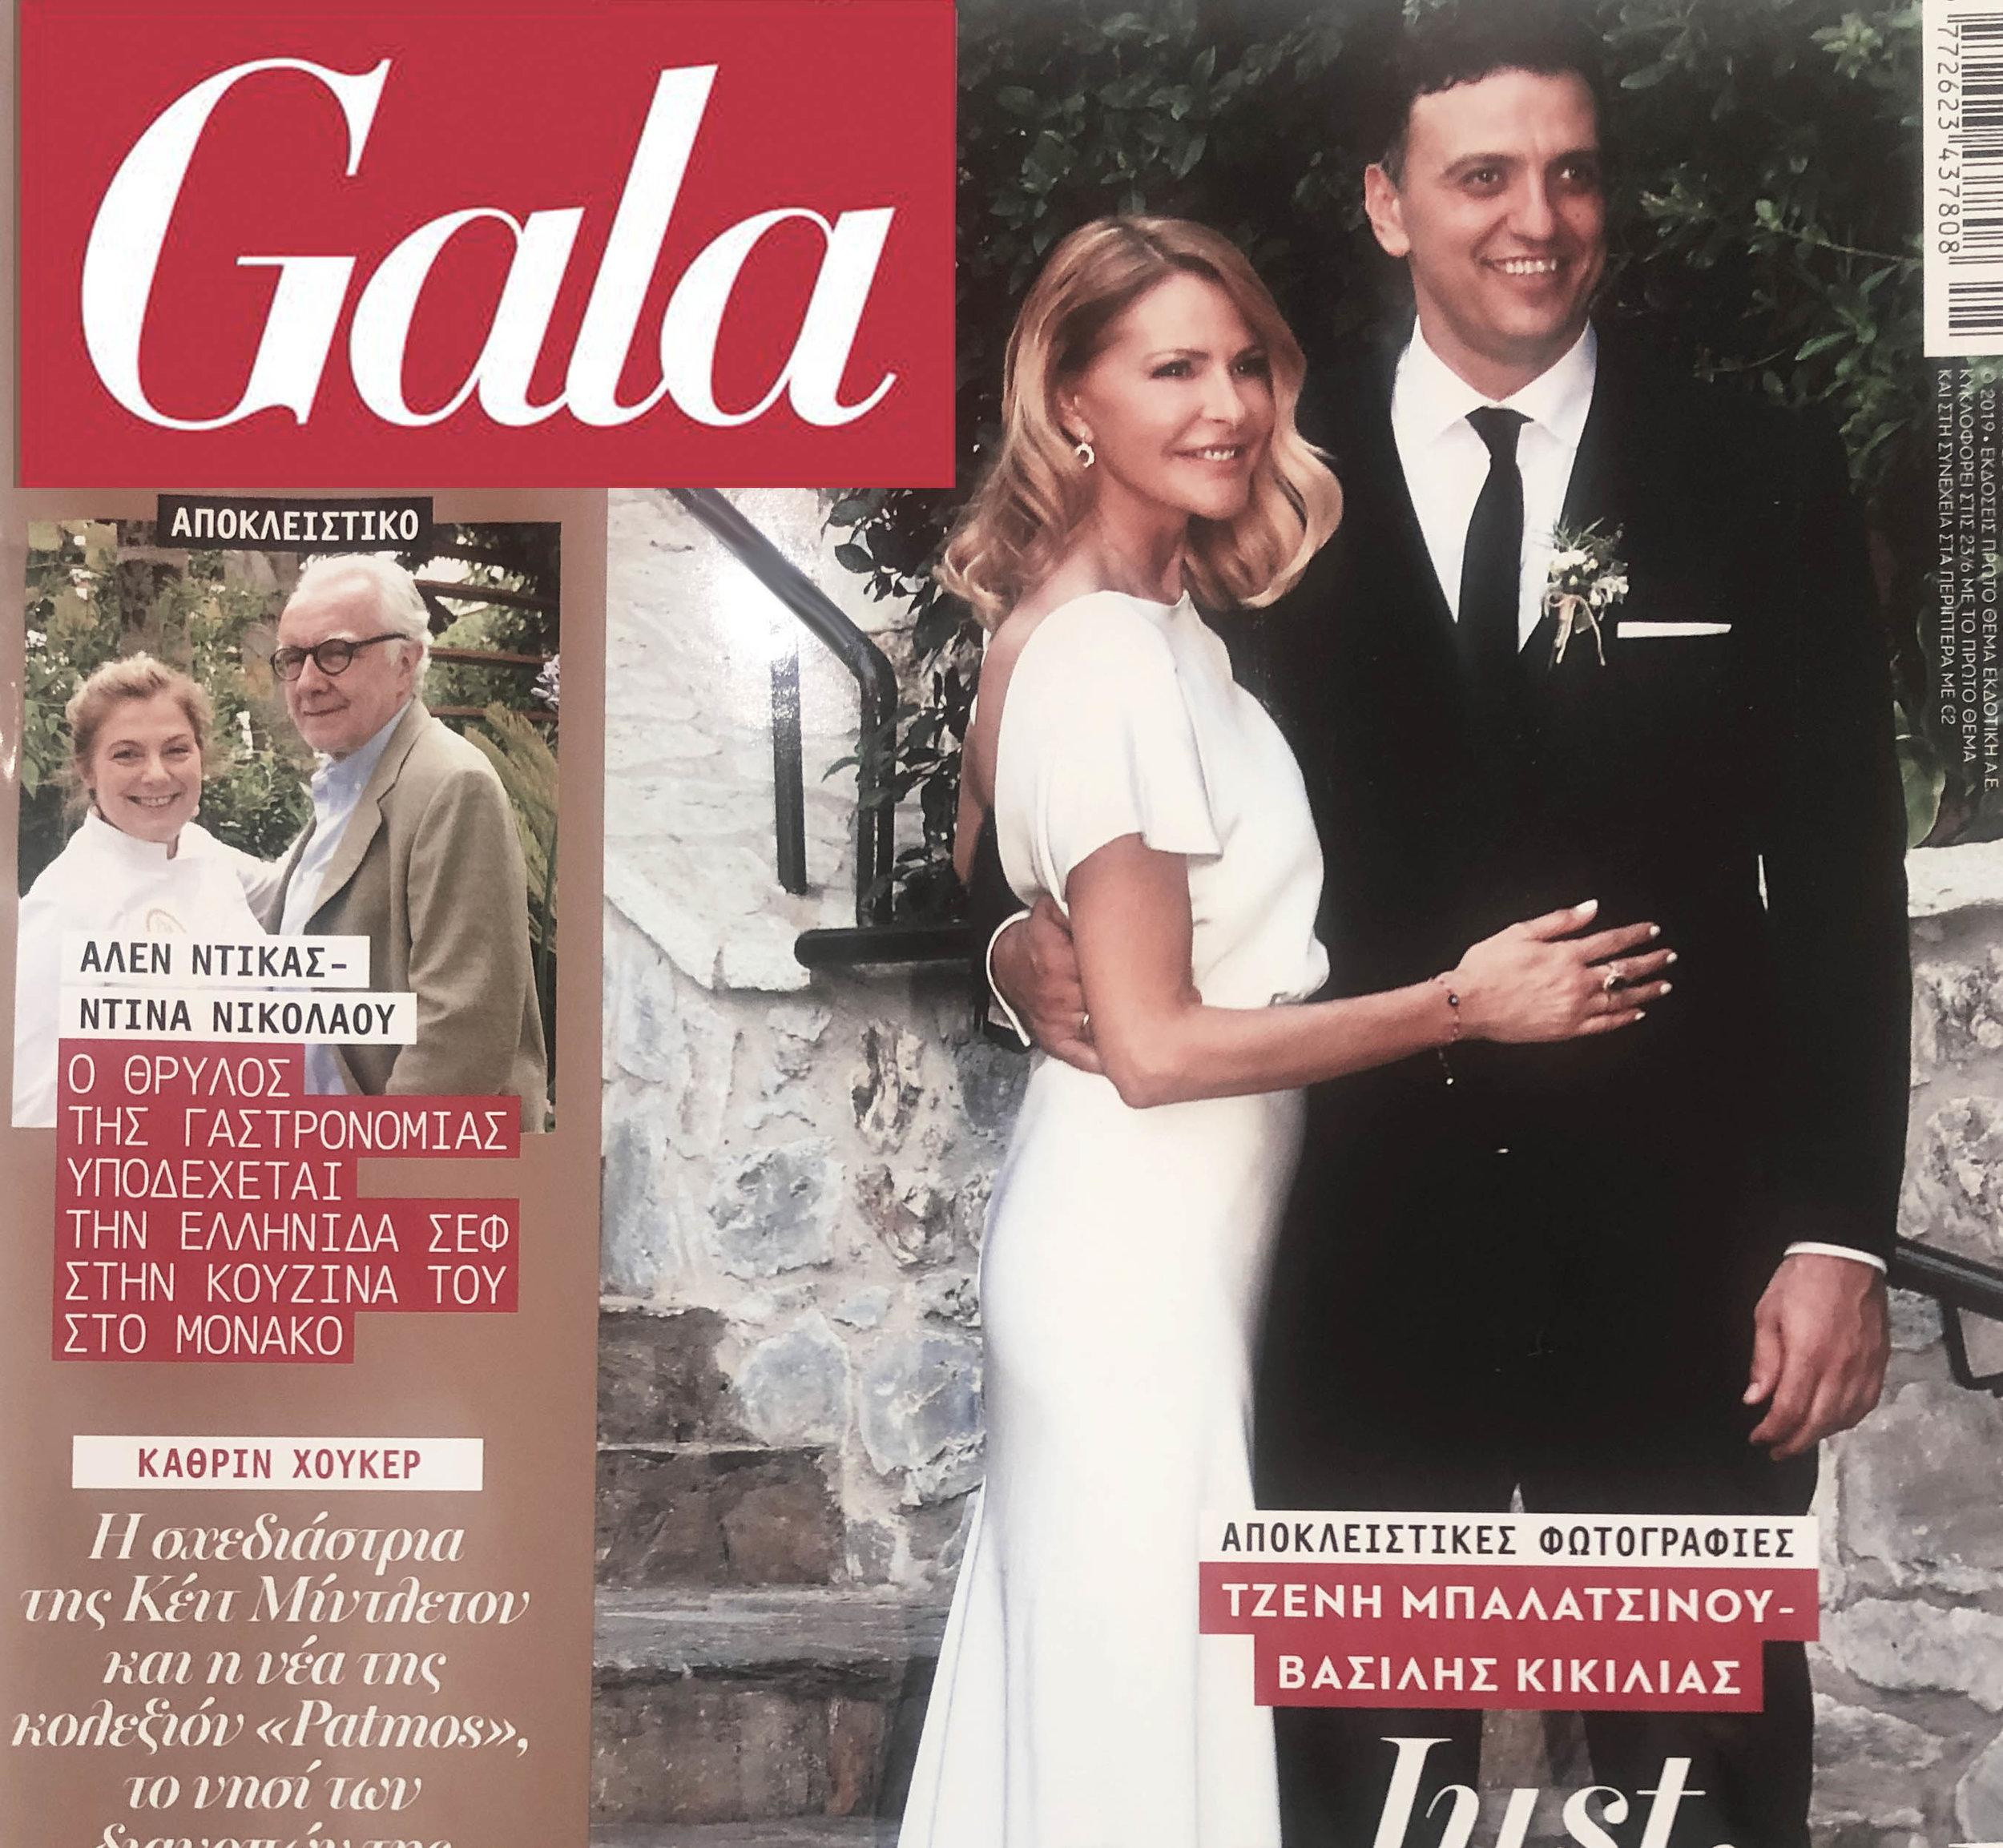 Gala Magazine June 2019